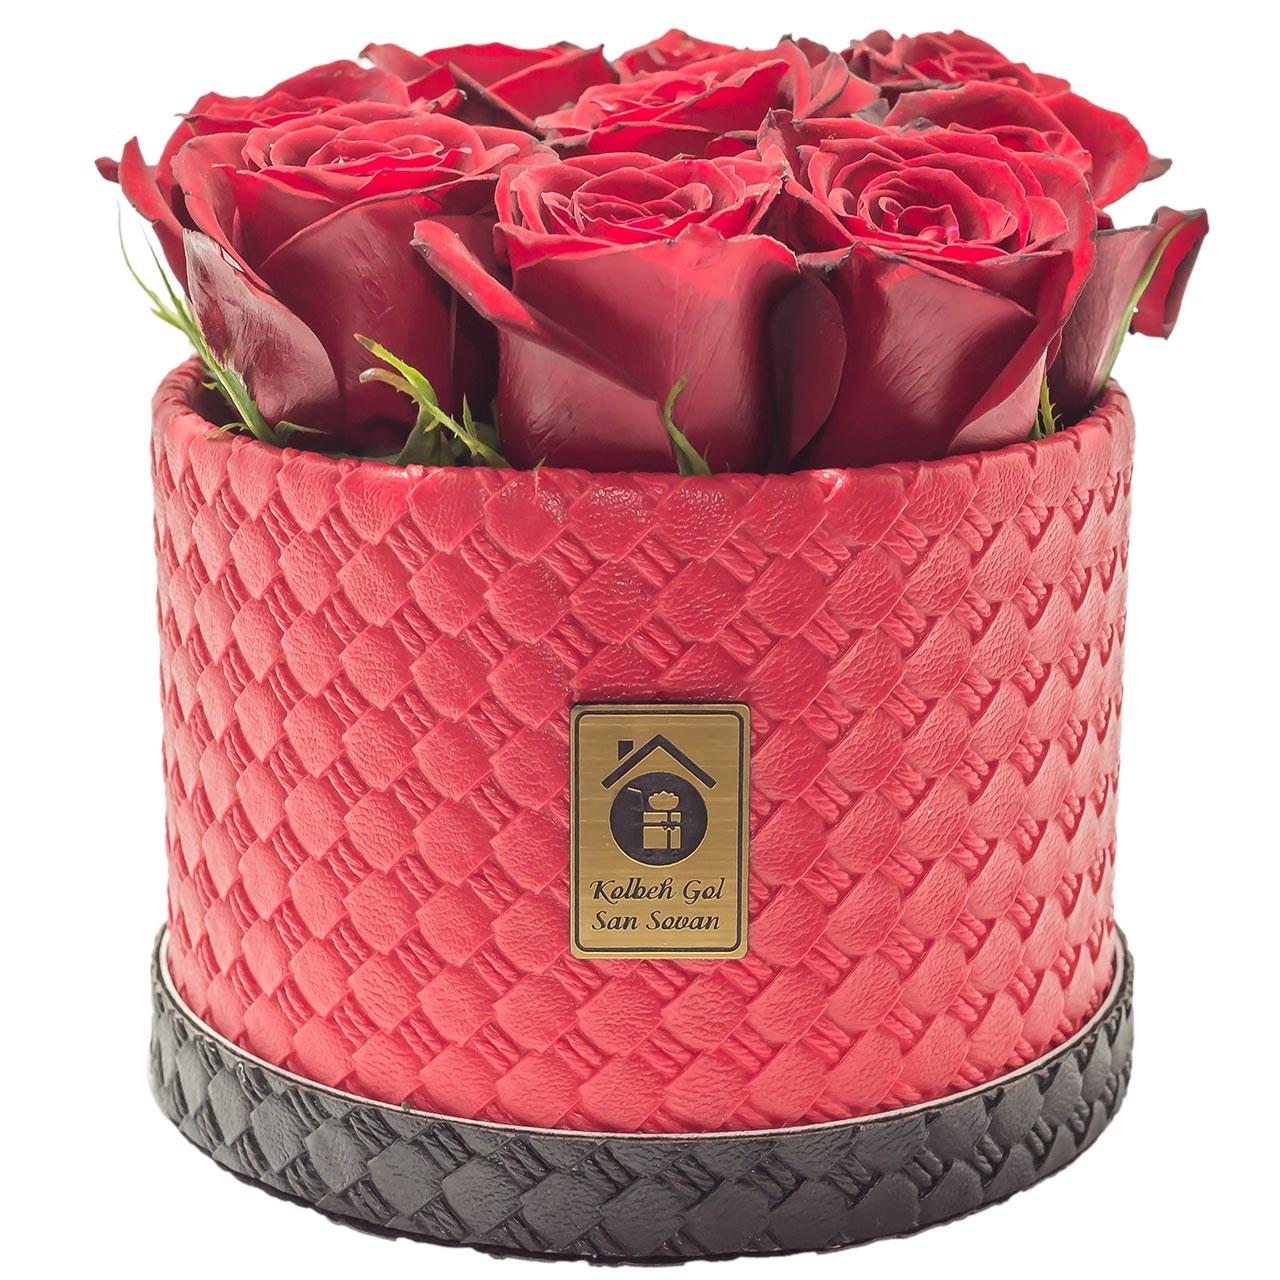 جعبه گل طبیعی کلبه گل مدل رز قرمز هلندی استوانه ای 10 شاخه